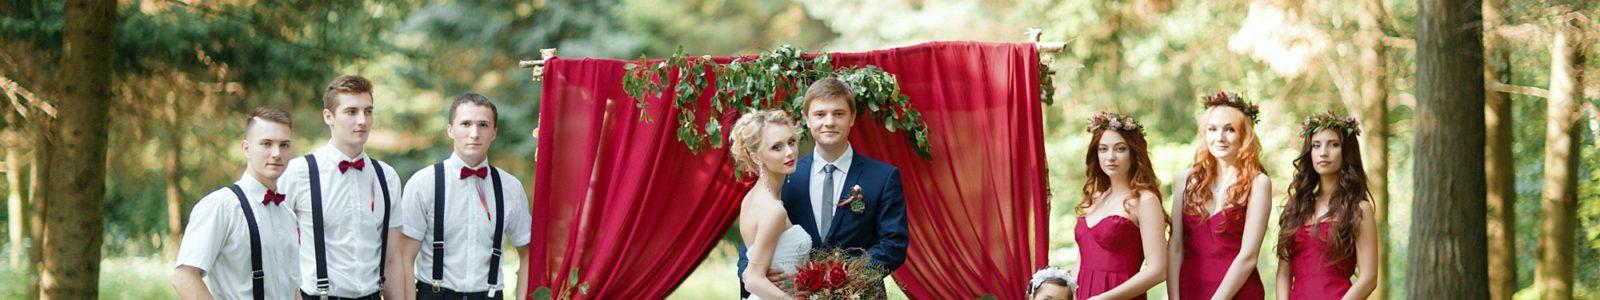 Особенности оформления свадьбы в цвете марсала